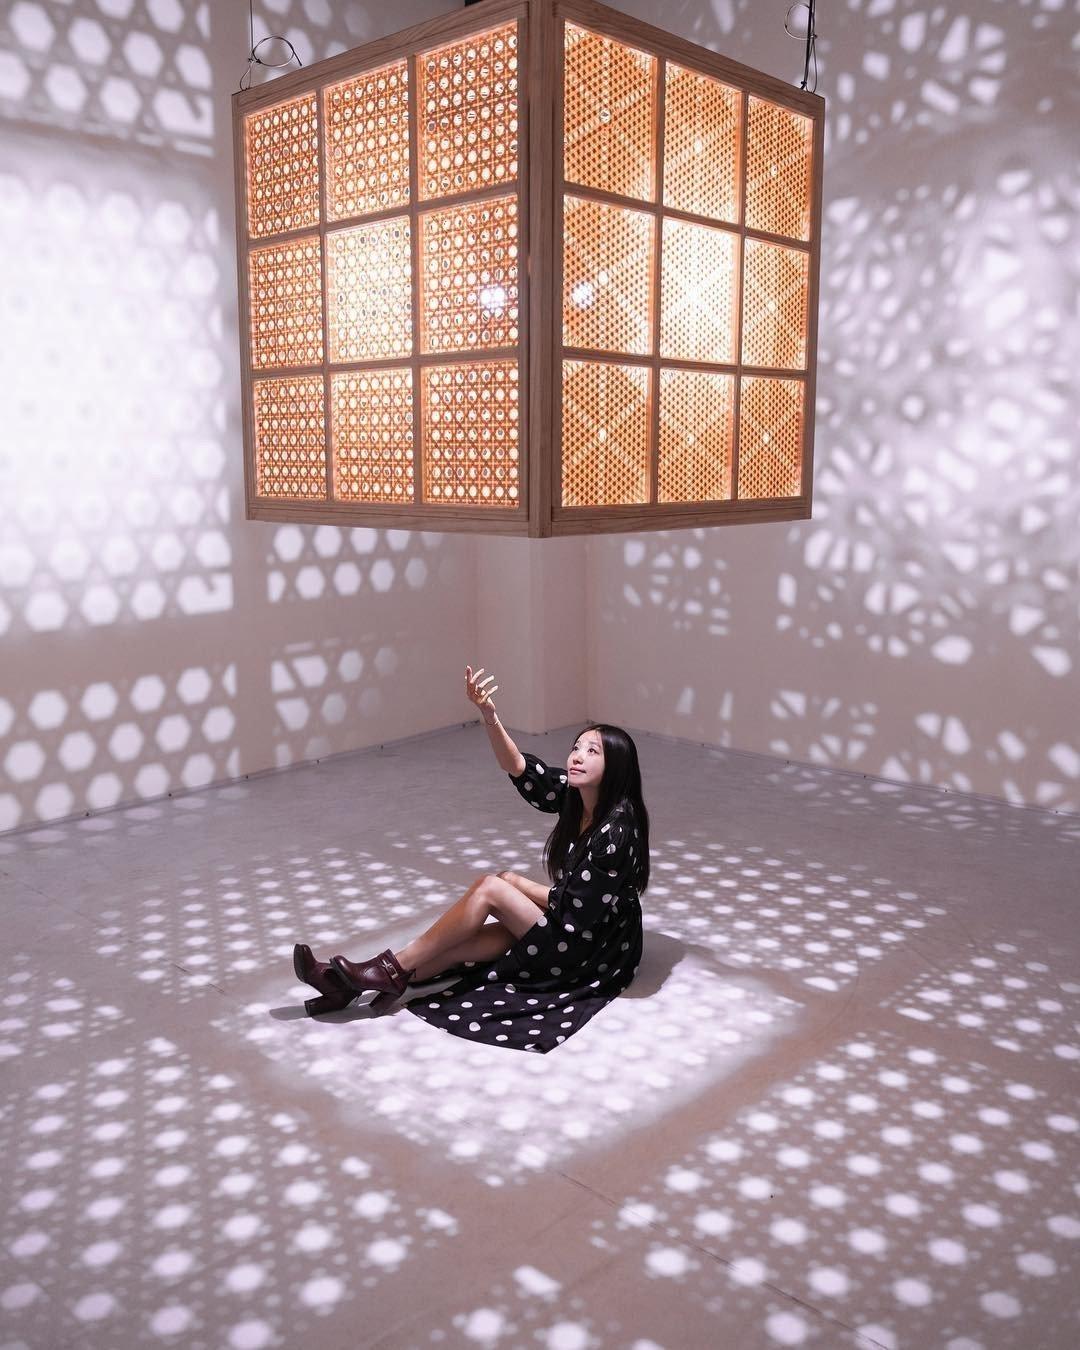 (圖/IG@r.ii.s.a提供) ▲最為亮點的就是位於「光」區的正方體竹籠,六...